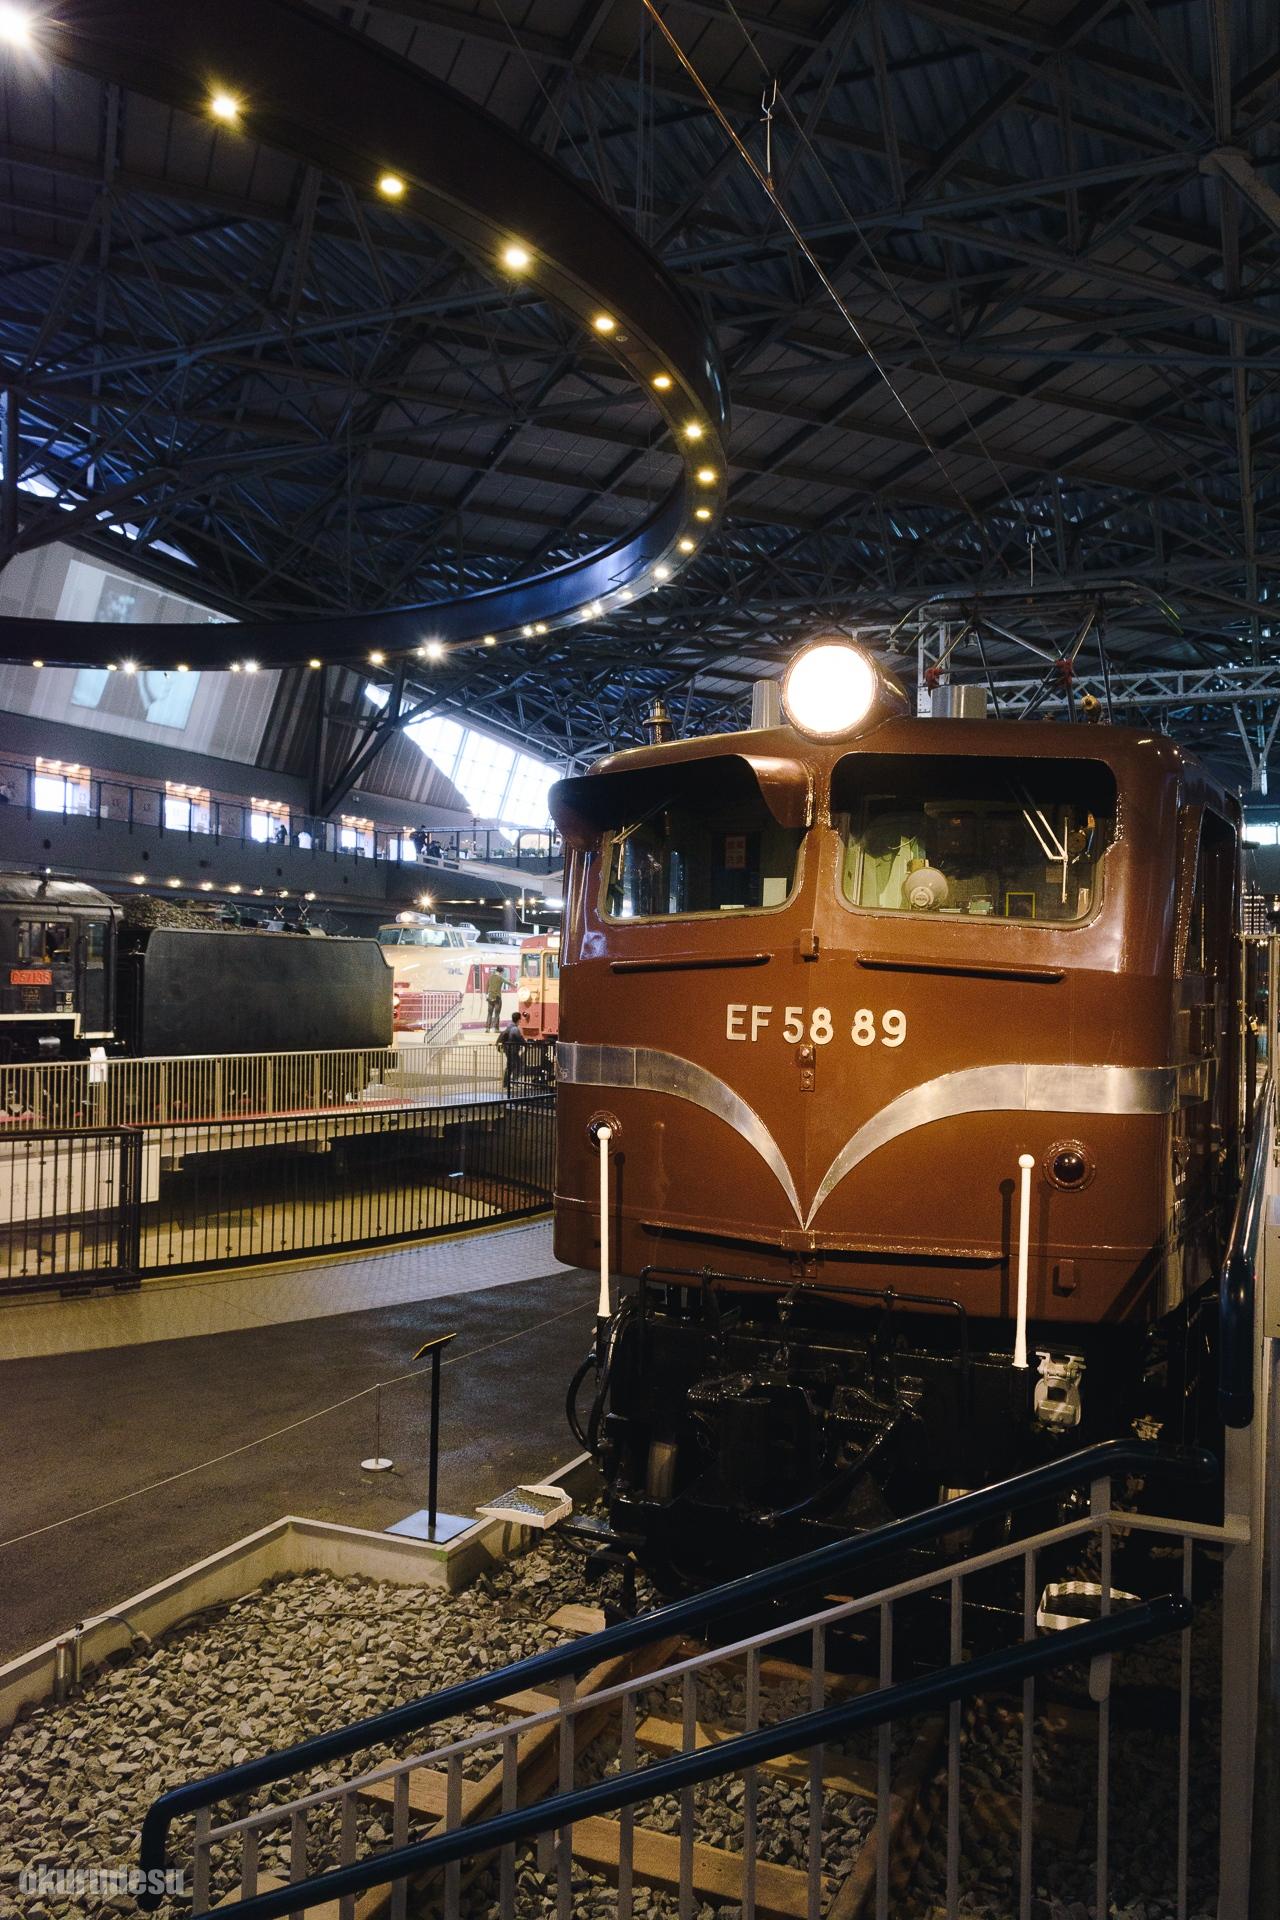 鉄道博物館 スナップ 列車